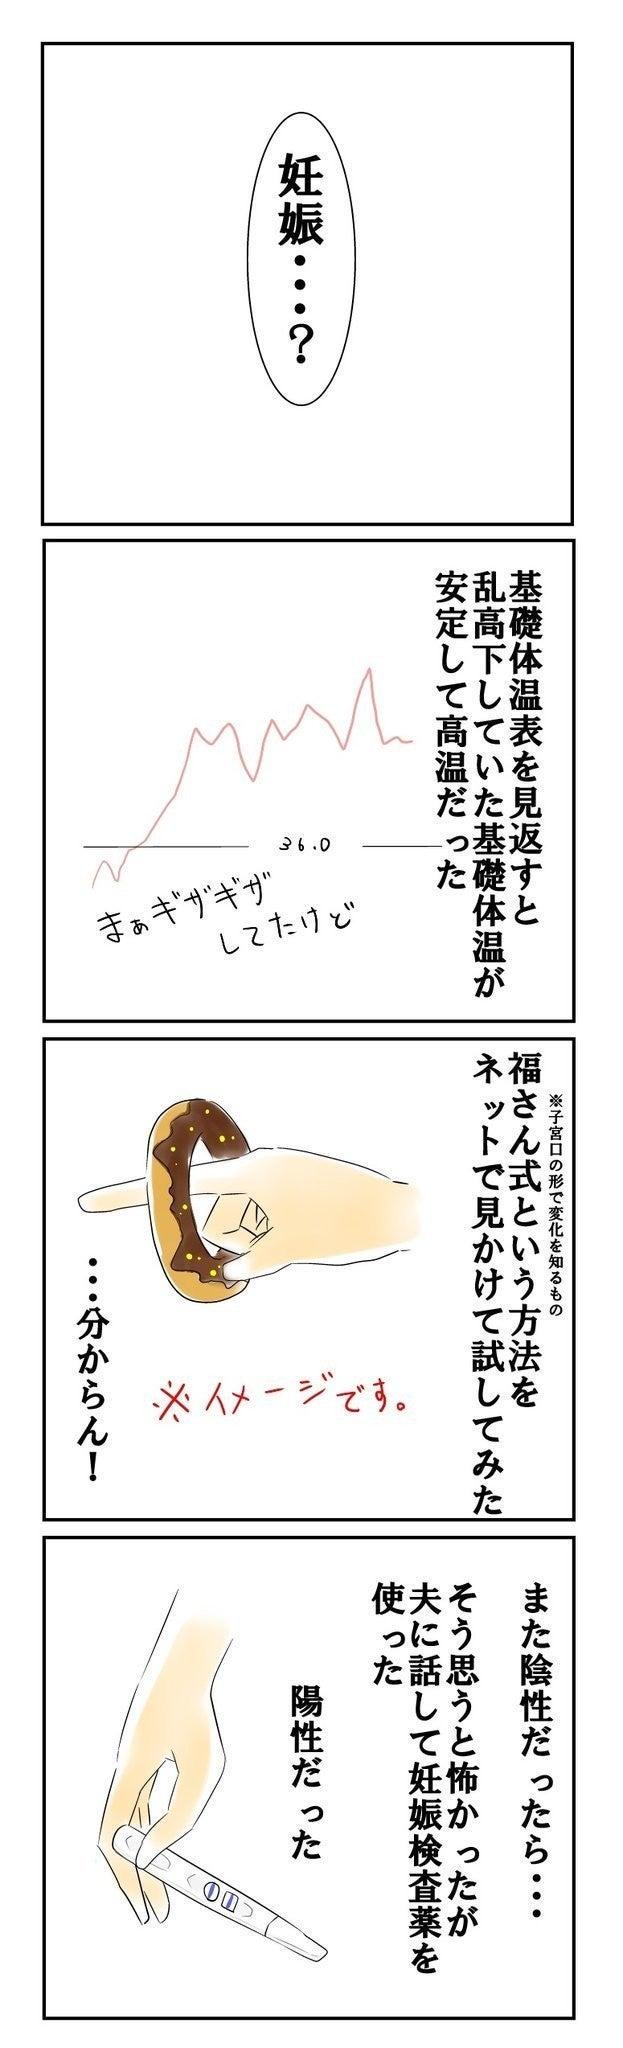 福さん式妊娠